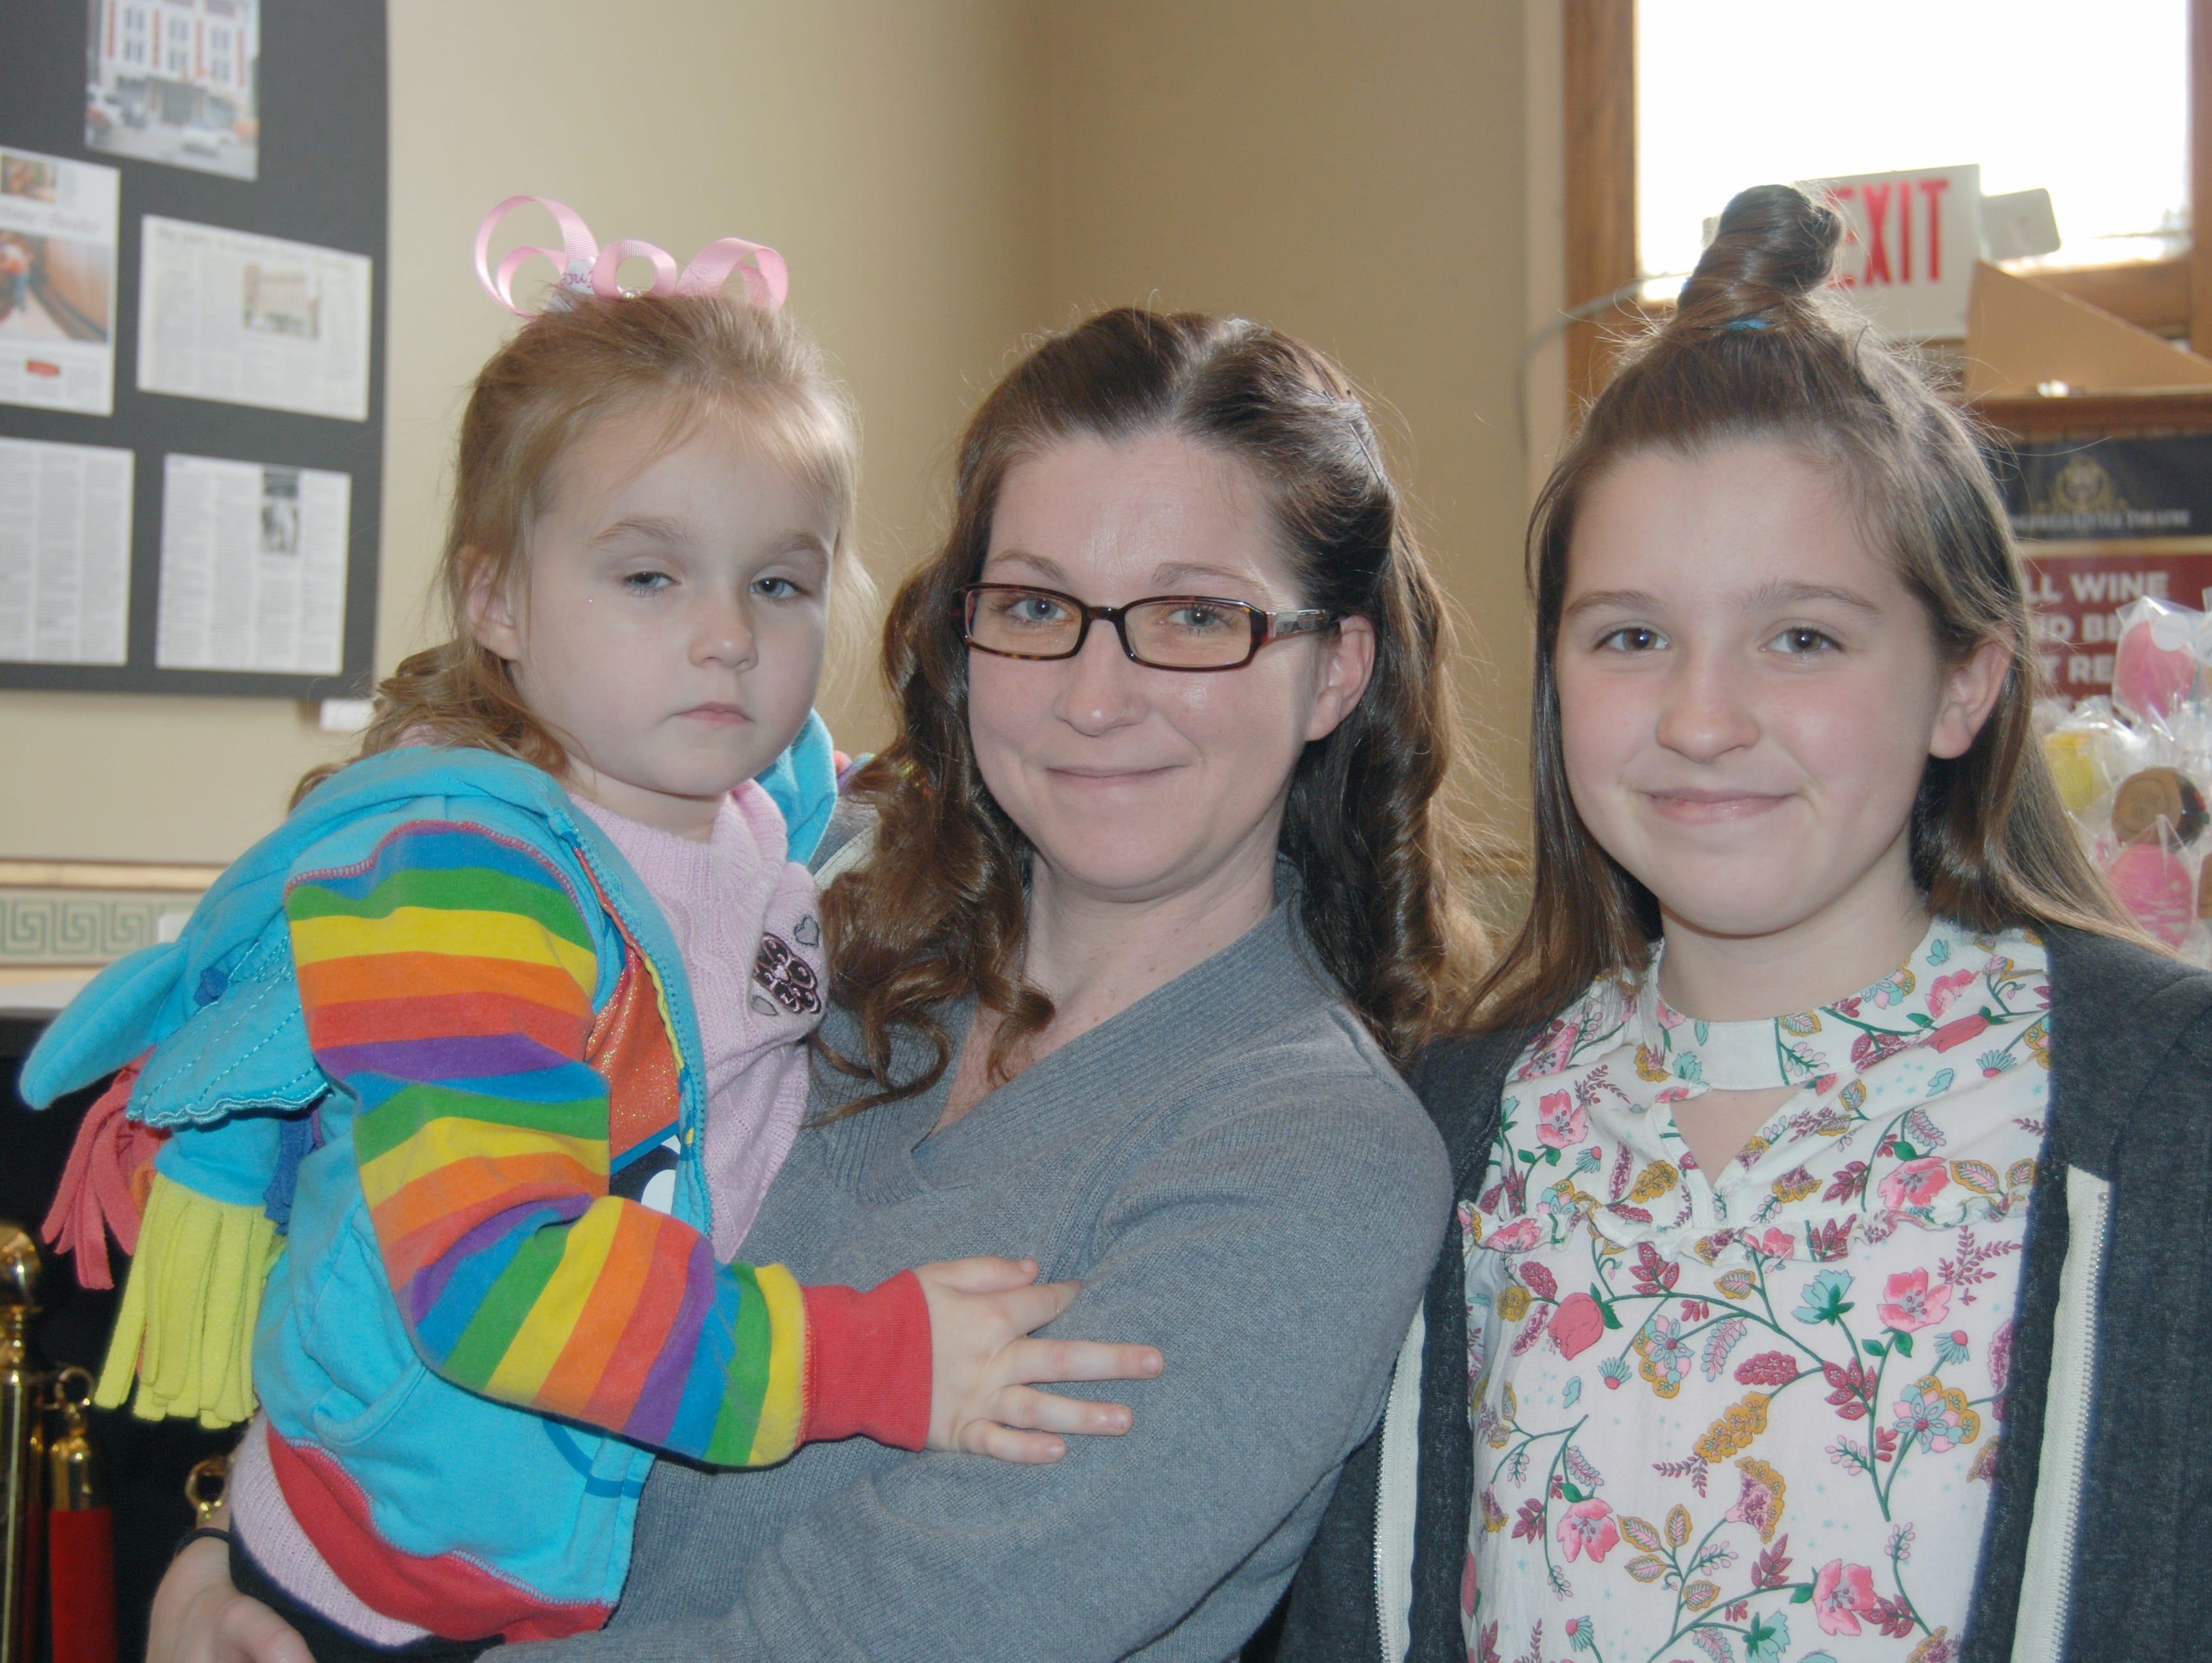 Kayleigh, Colleen and Kimberly David